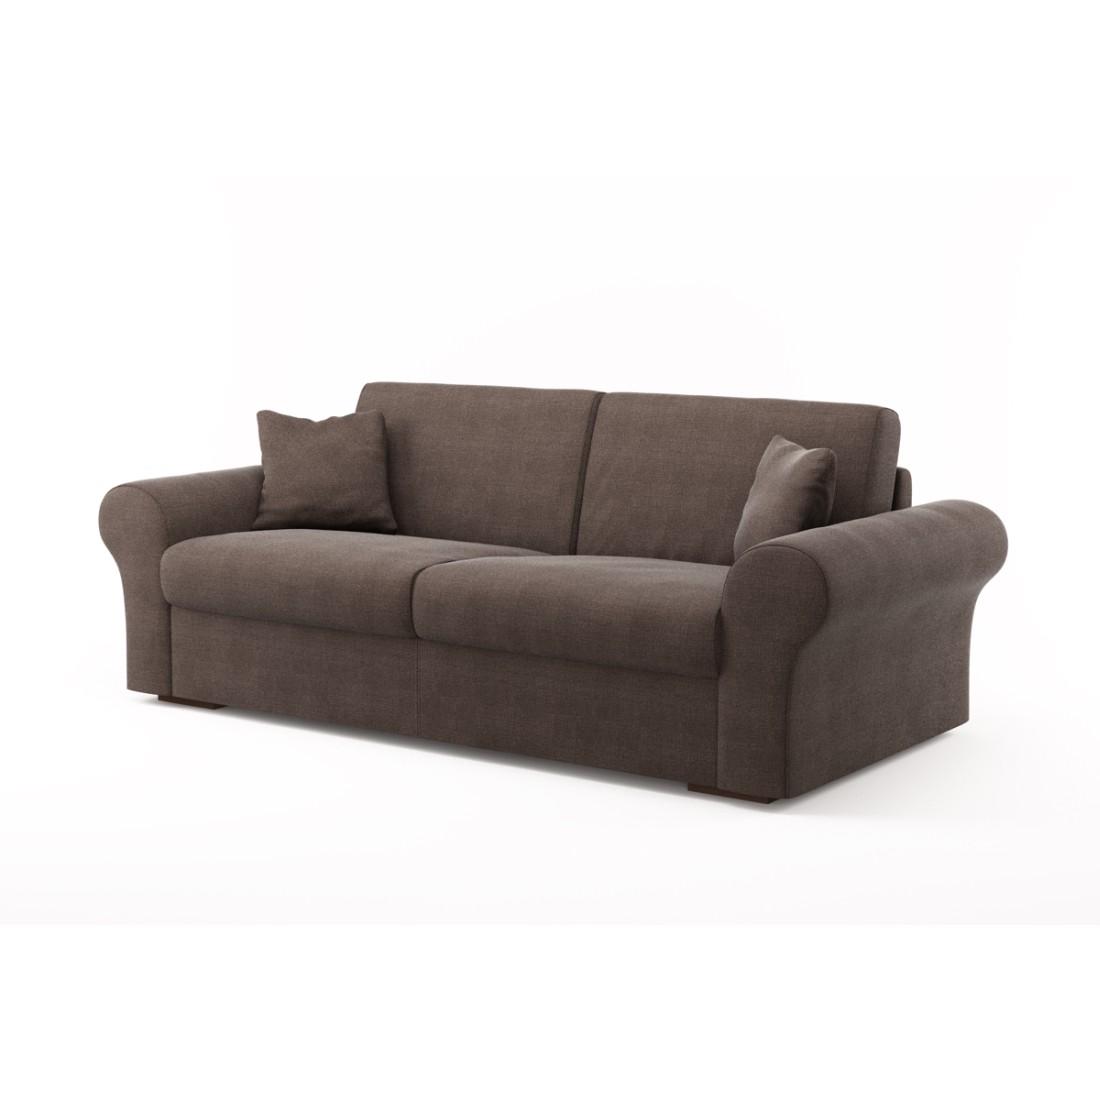 Schlafsofa Novo (3-Sitzer) – Luna Comfort 6 150 (Schlammfarben), Von Wilmowsky online kaufen